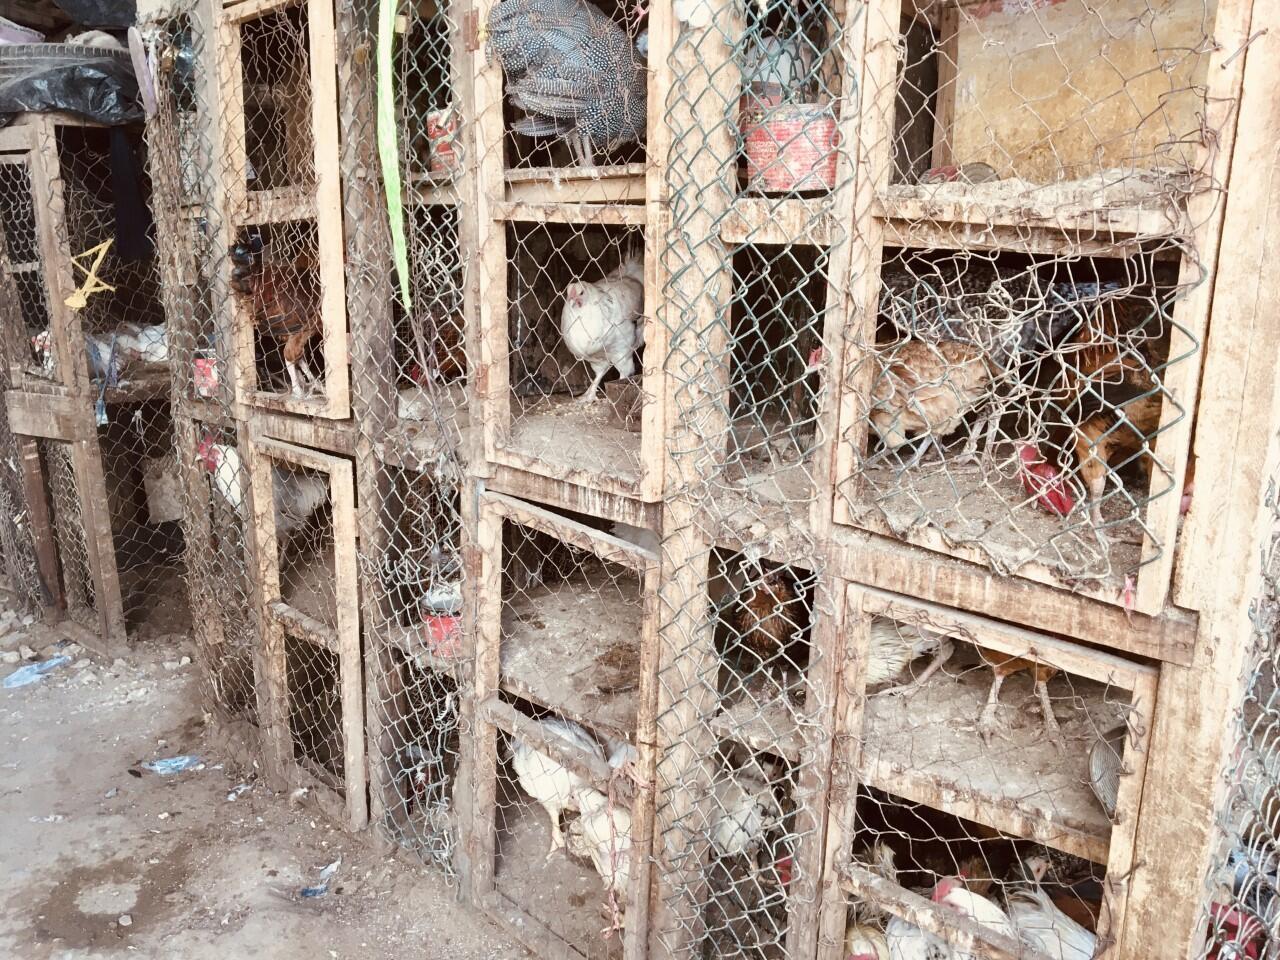 aviculture poulet poule senegal volaille marché dakar